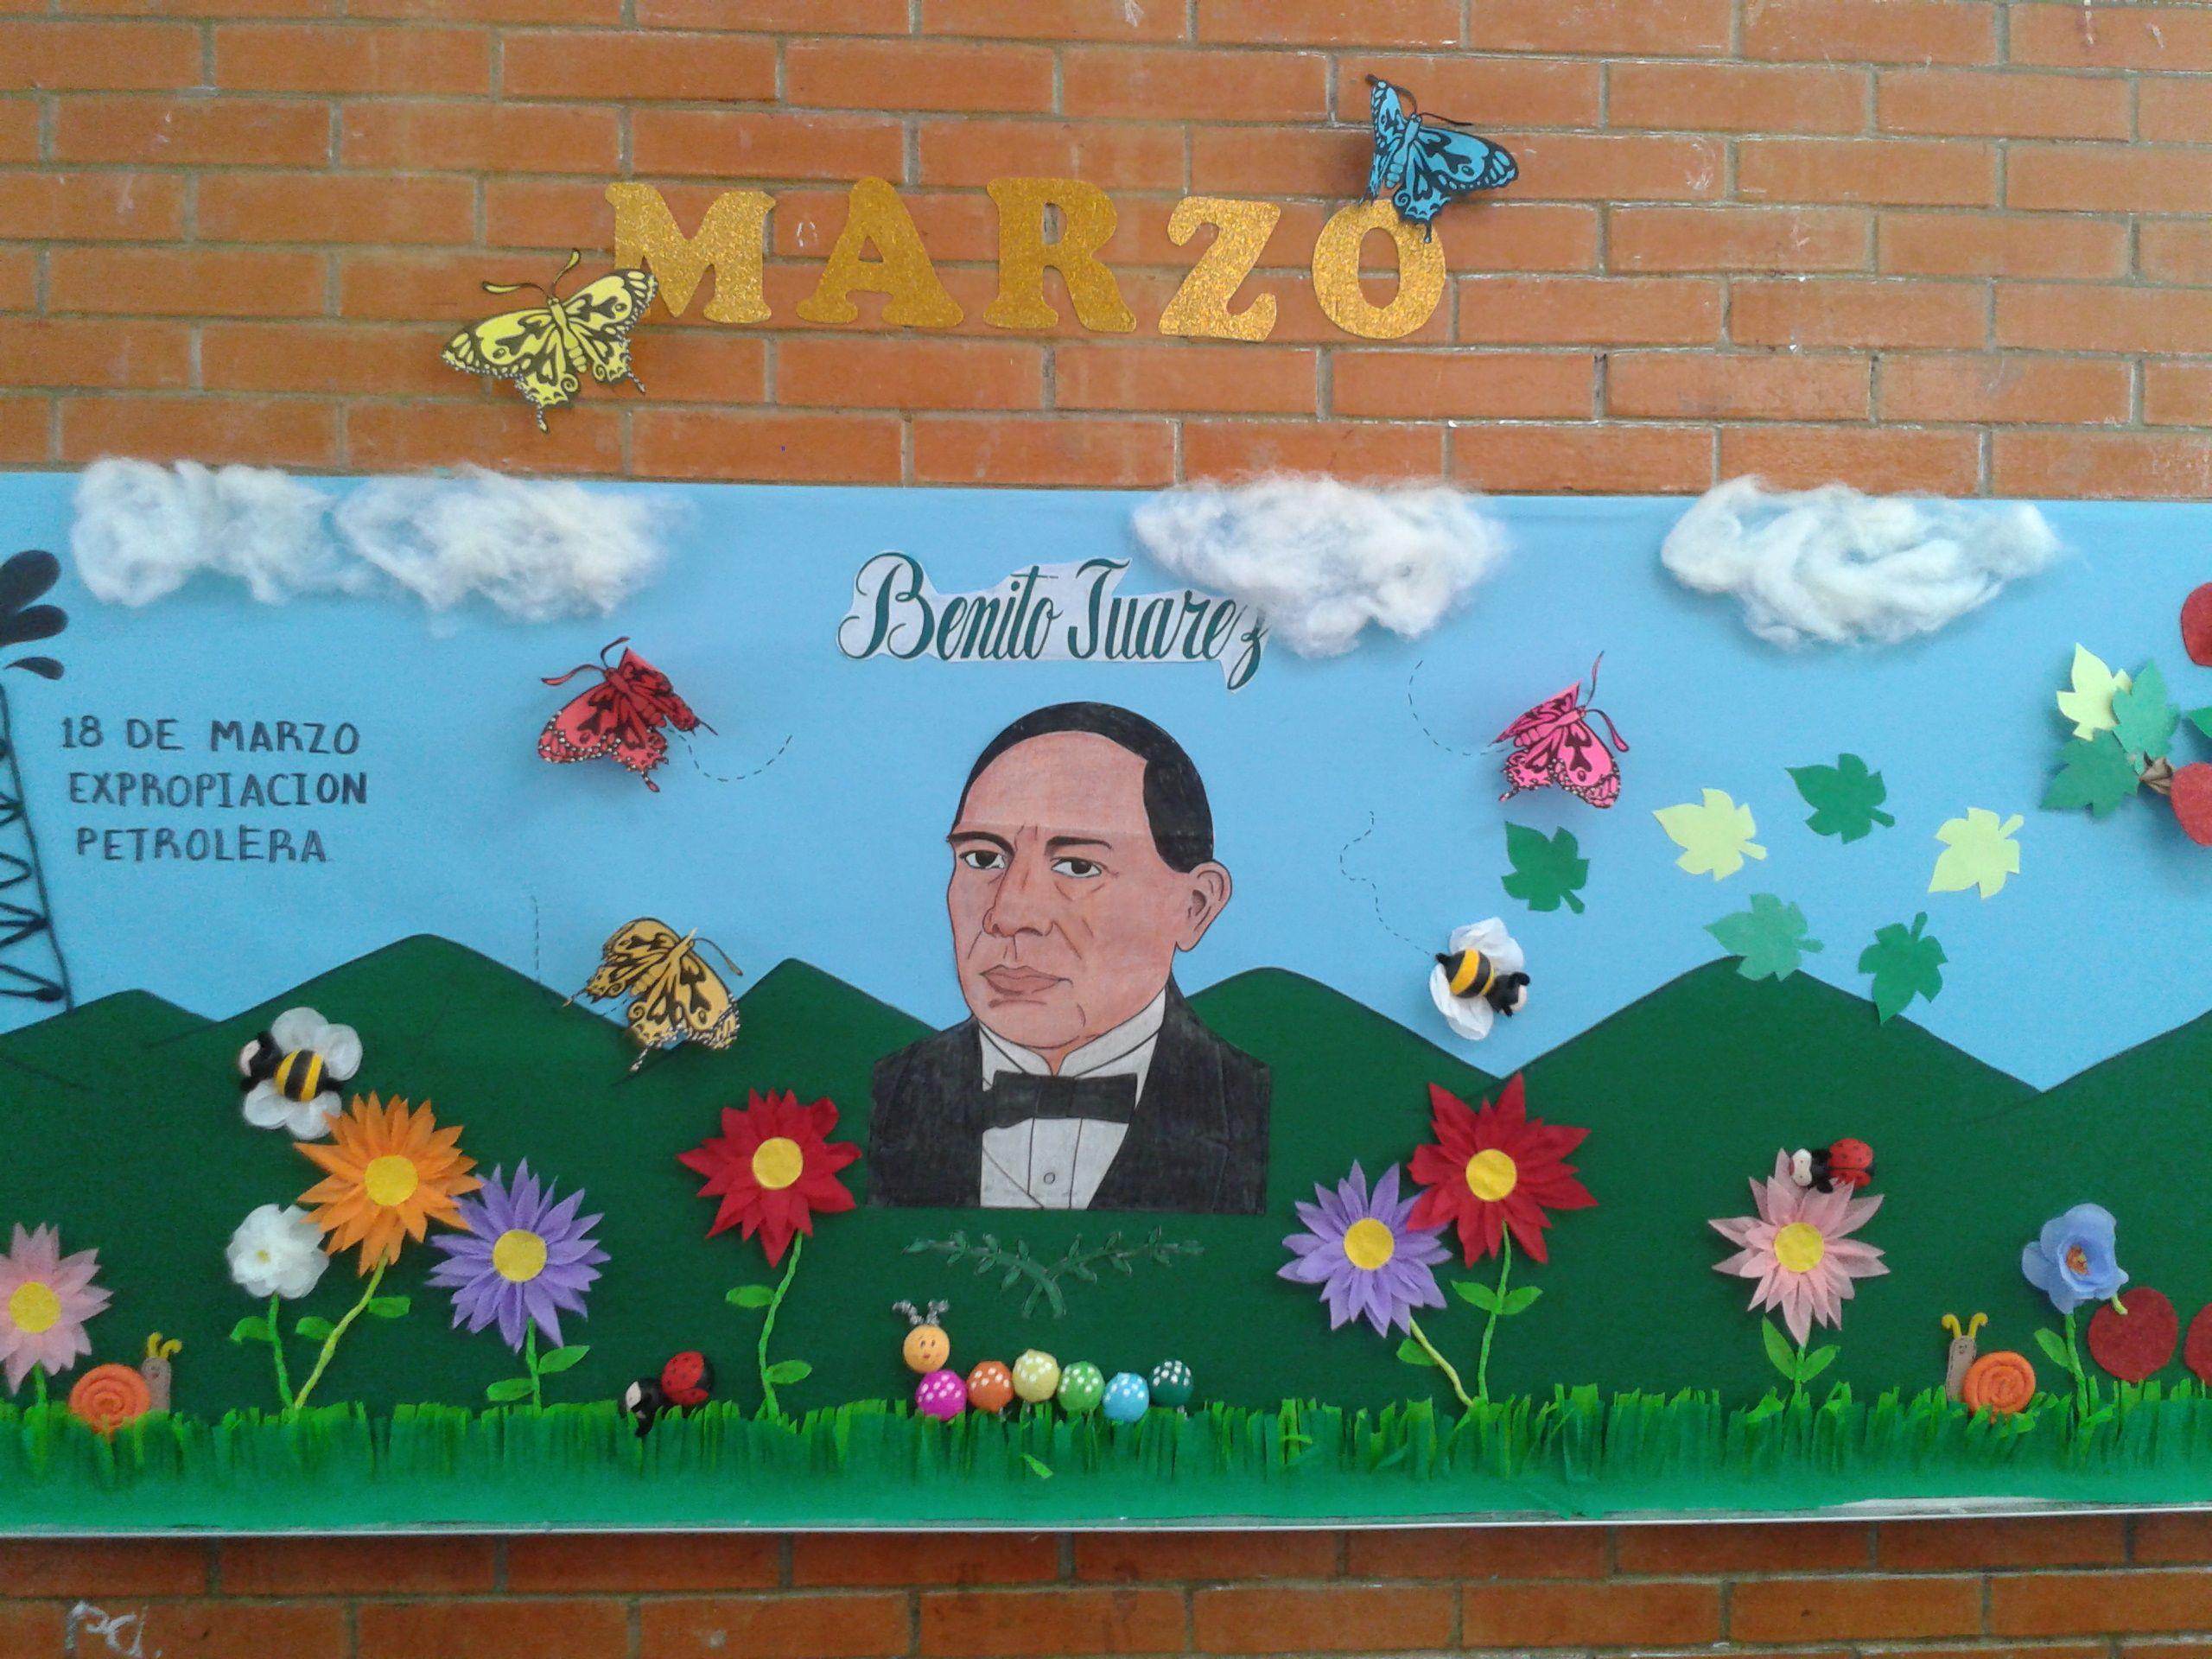 Periodico mural de primavera peri dico mural pinterest for El mural de anuncios